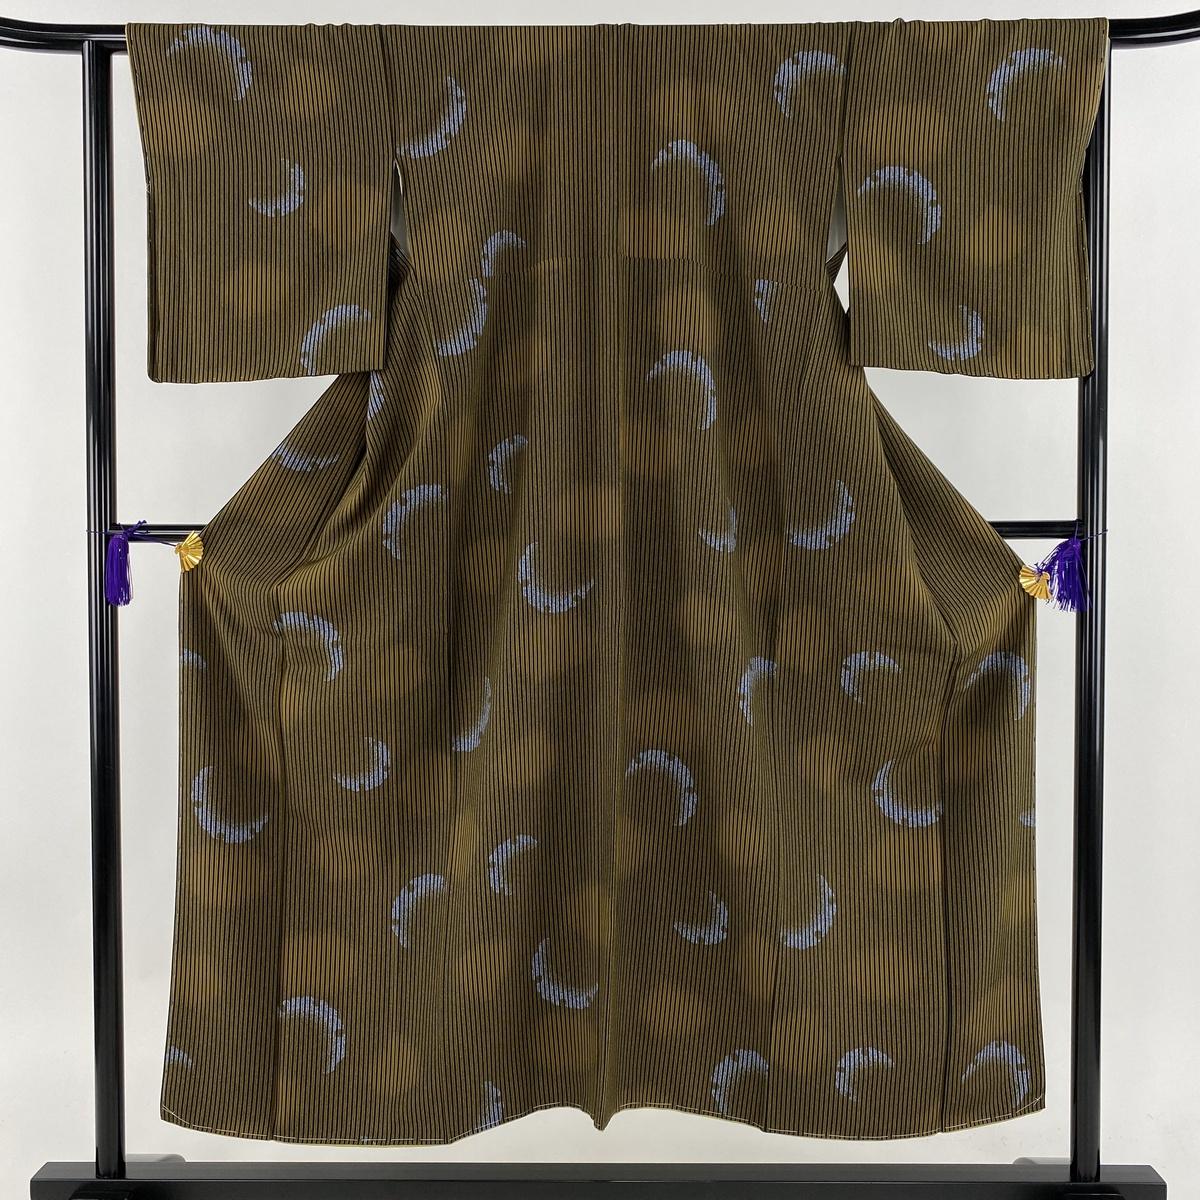 美品 名品 縦縞 雪輪 縮緬 茶緑色 袷 身丈150.5cm 裄丈64.5cm M 正絹 【中古】